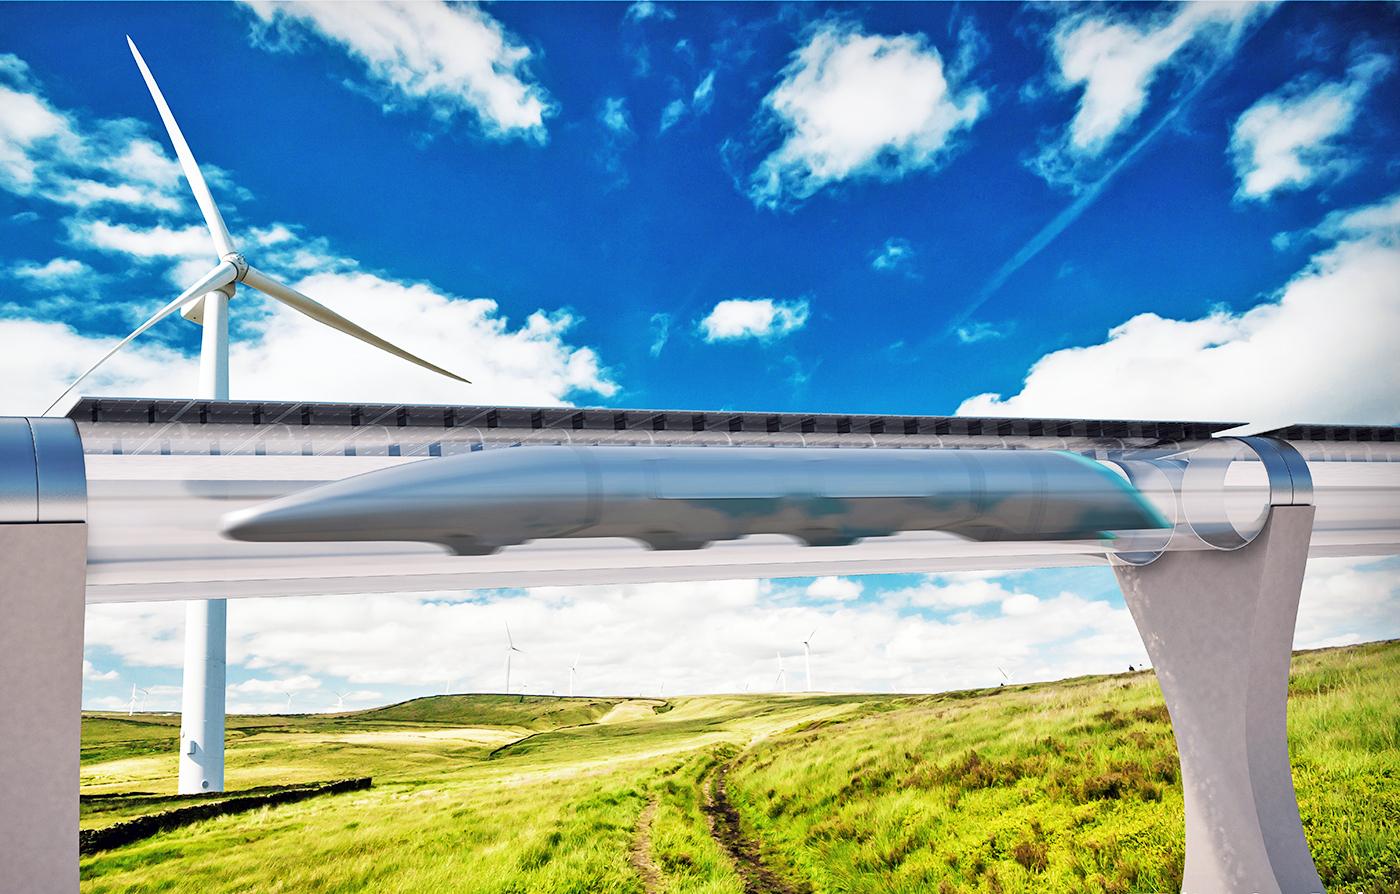 ۶ طرح برتر برای آینده حمل و نقل عمومی!